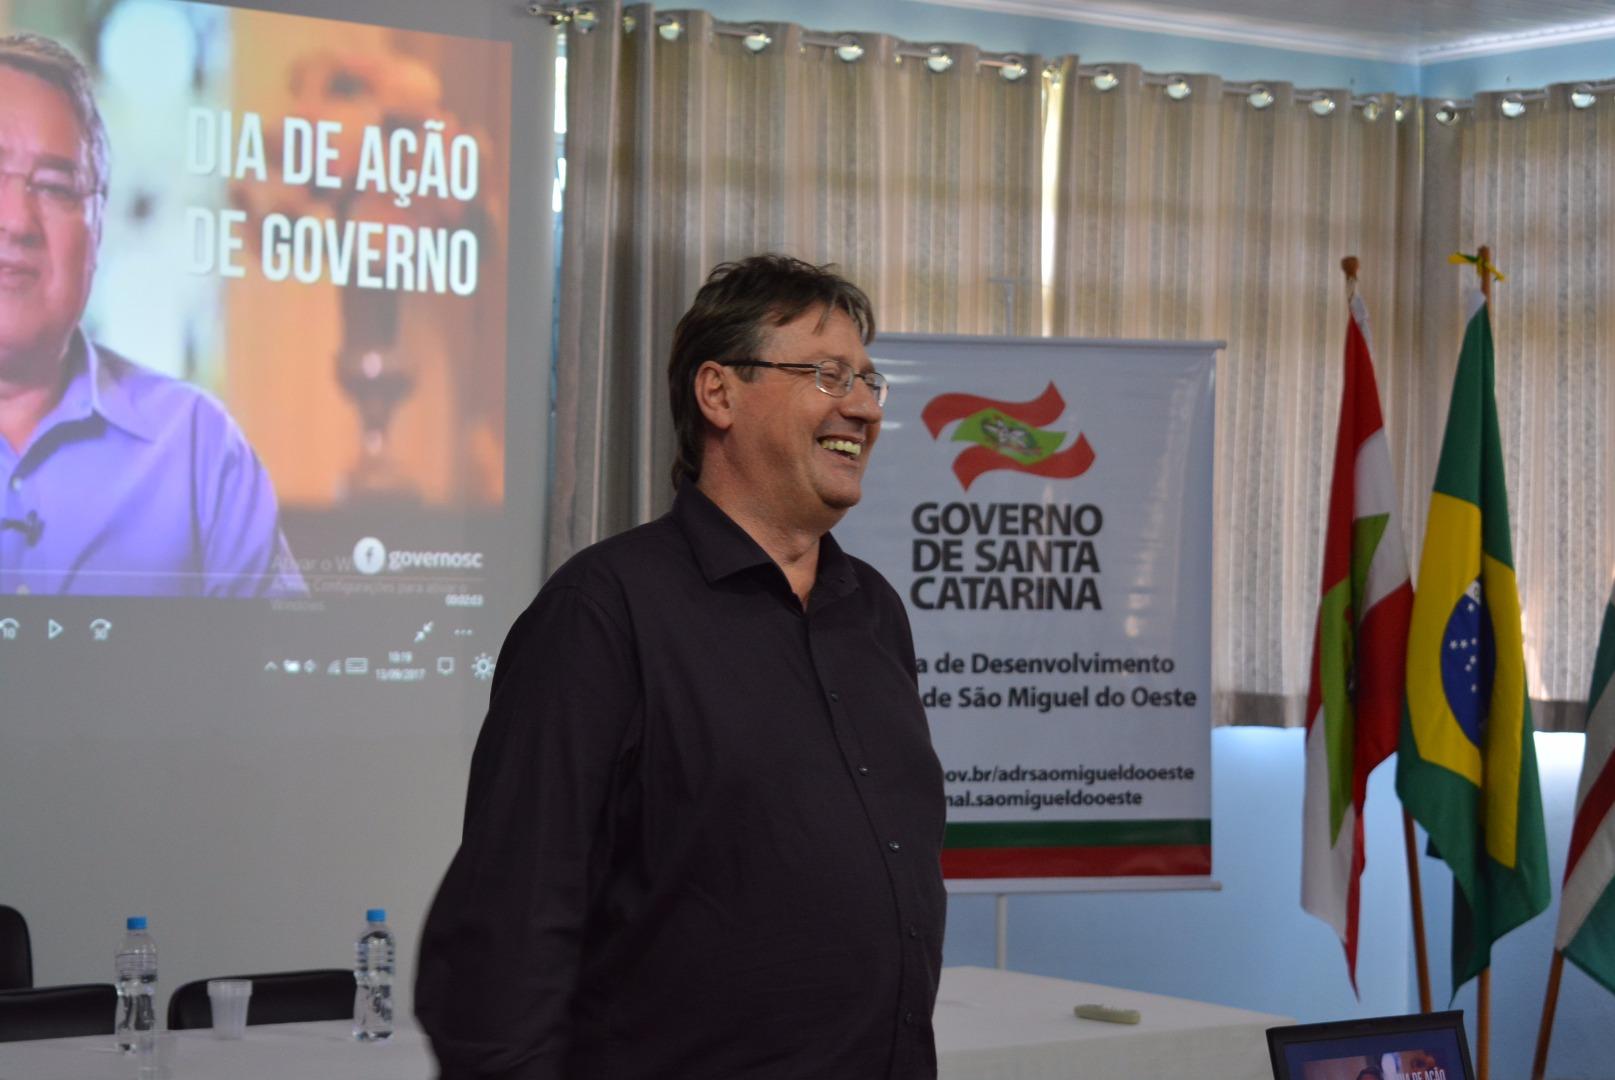 ADR de São Miguel do Oeste realiza dia de ação do governo